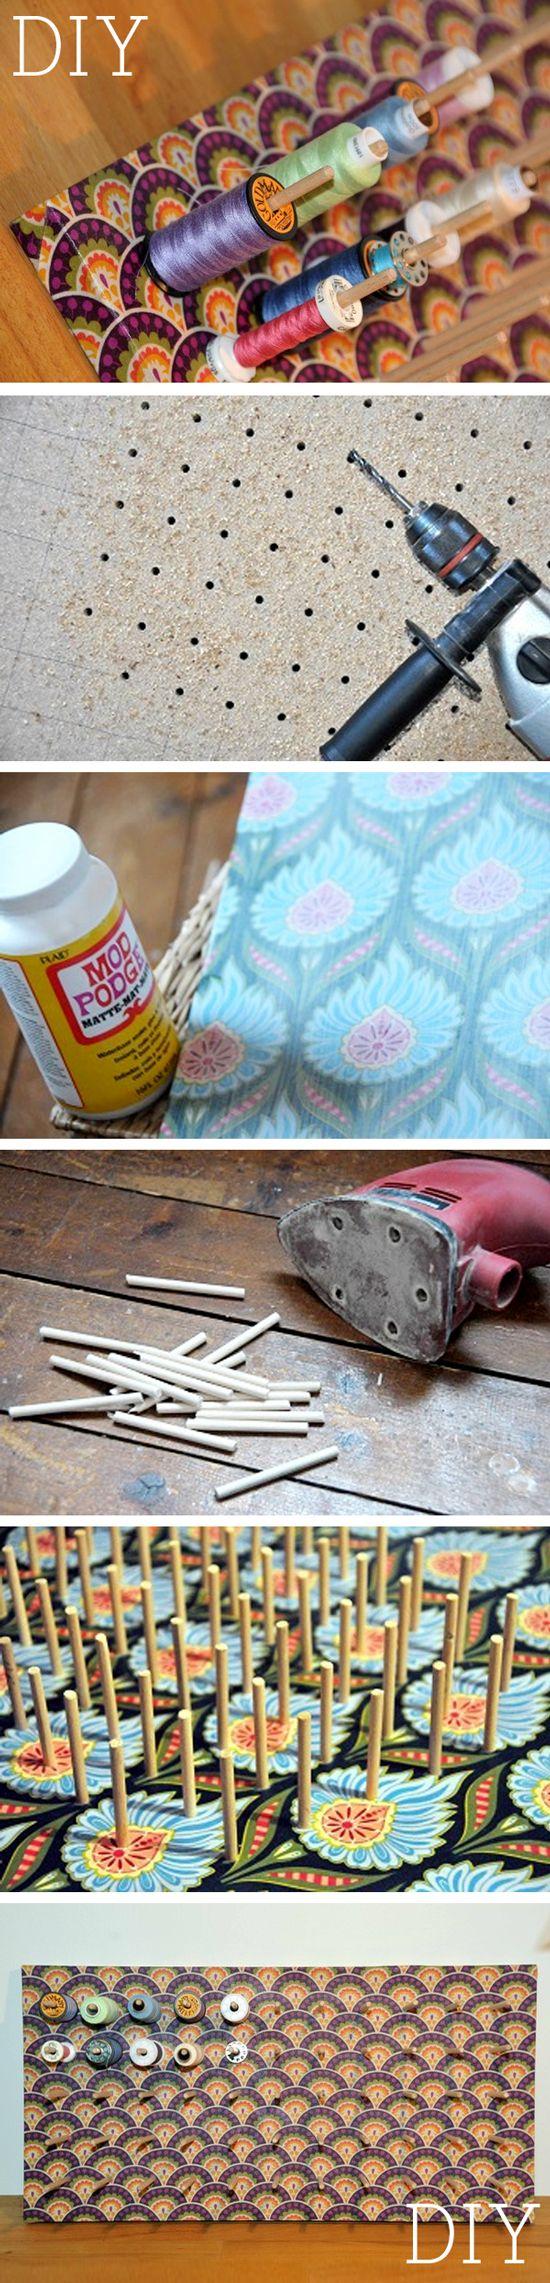 Voici comment faire vous même un super porte-bobines. Grâce à lui vous pourrez non seulement #organiser toutes vos bobines colorées, mais il fait en plus un excellent accessoire de #decoration pour votre maison !